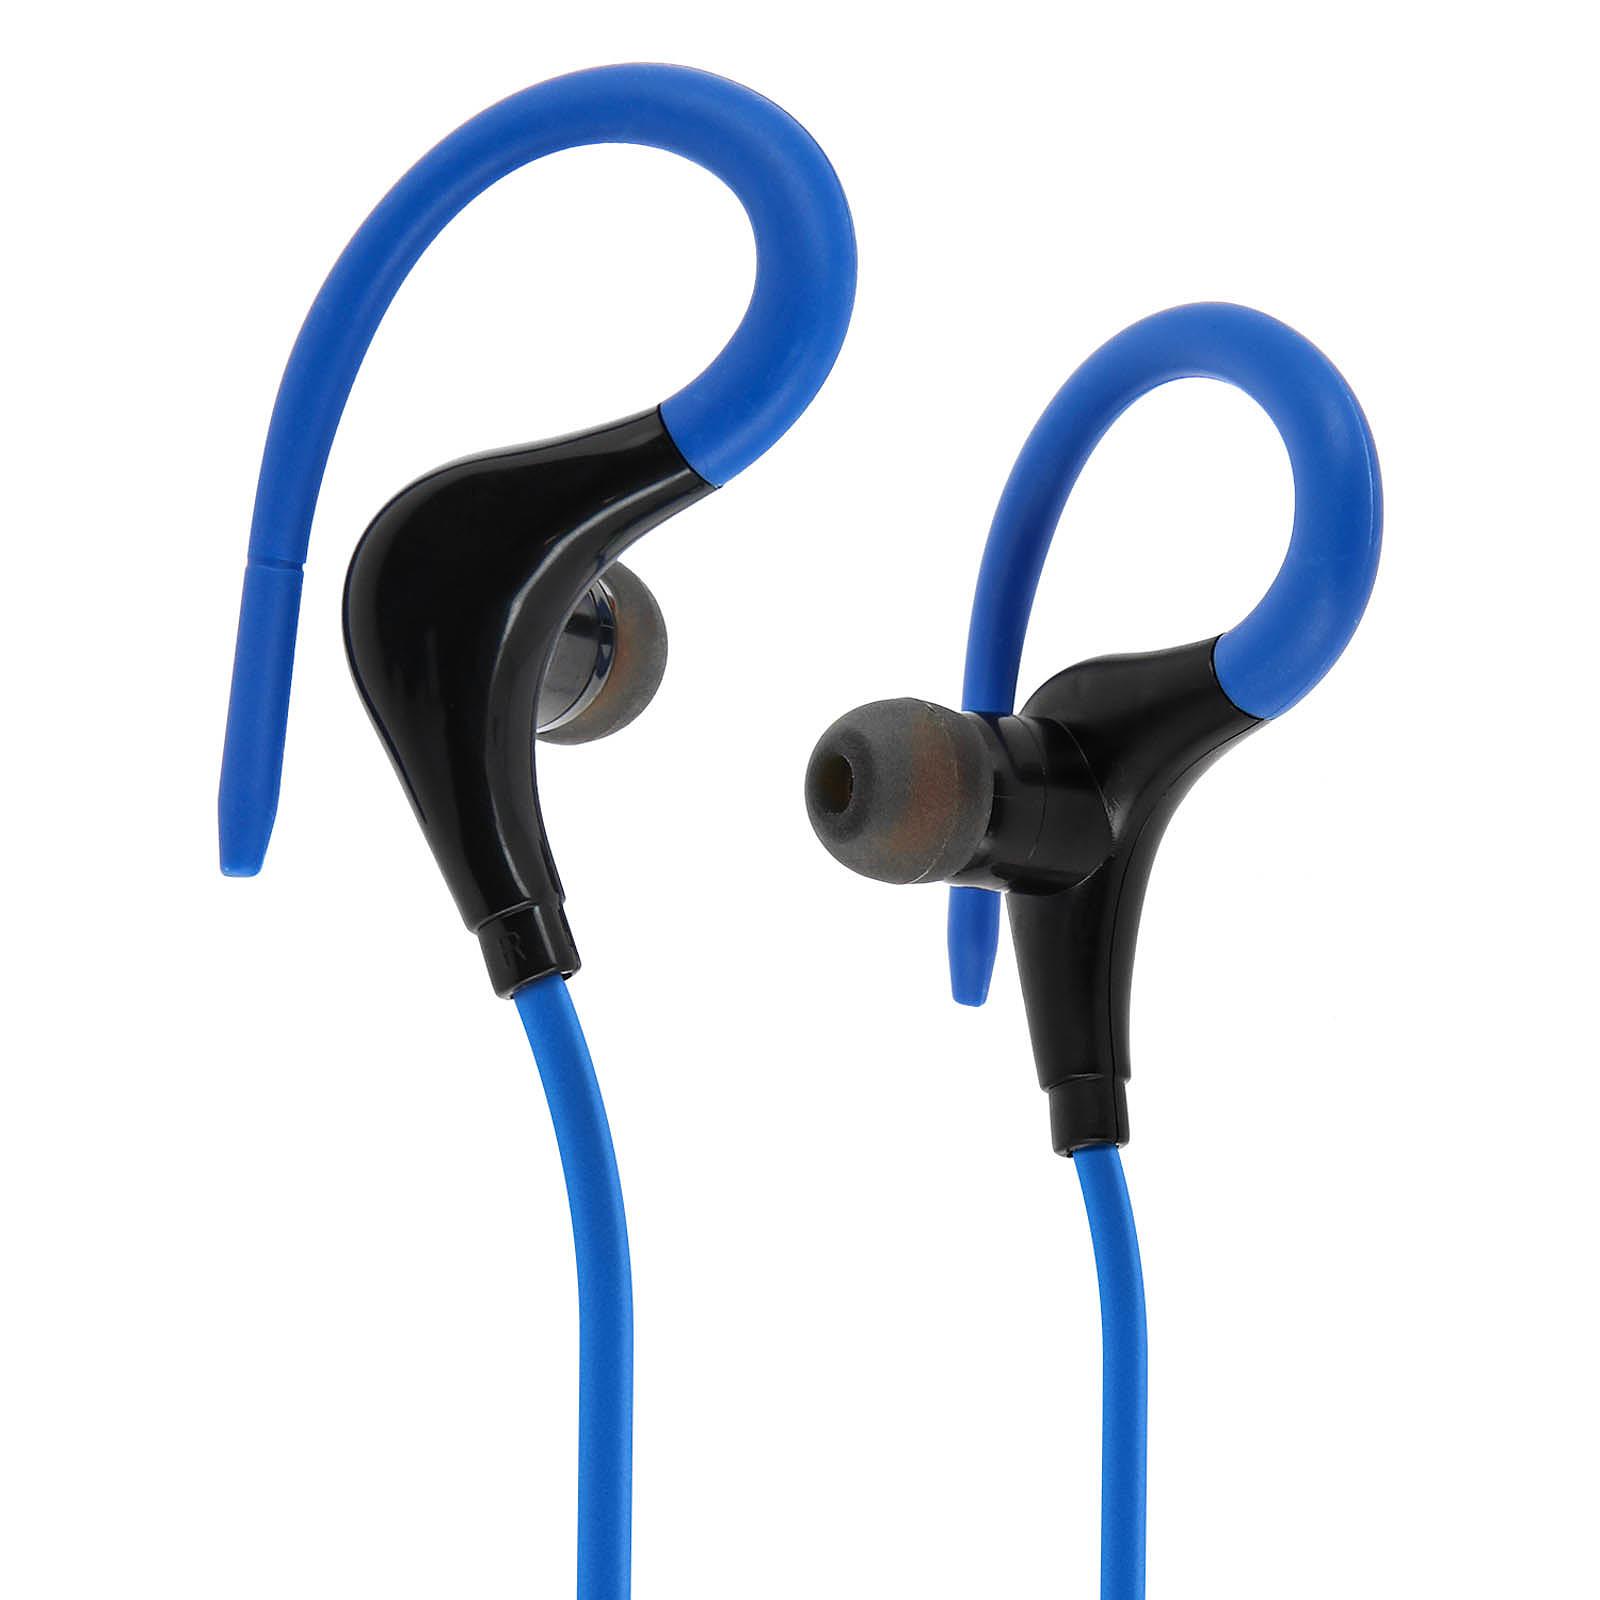 Avizar Ecouteurs sans-fil Bleu pour Smartphones et tablettes compatibles Bluetooth